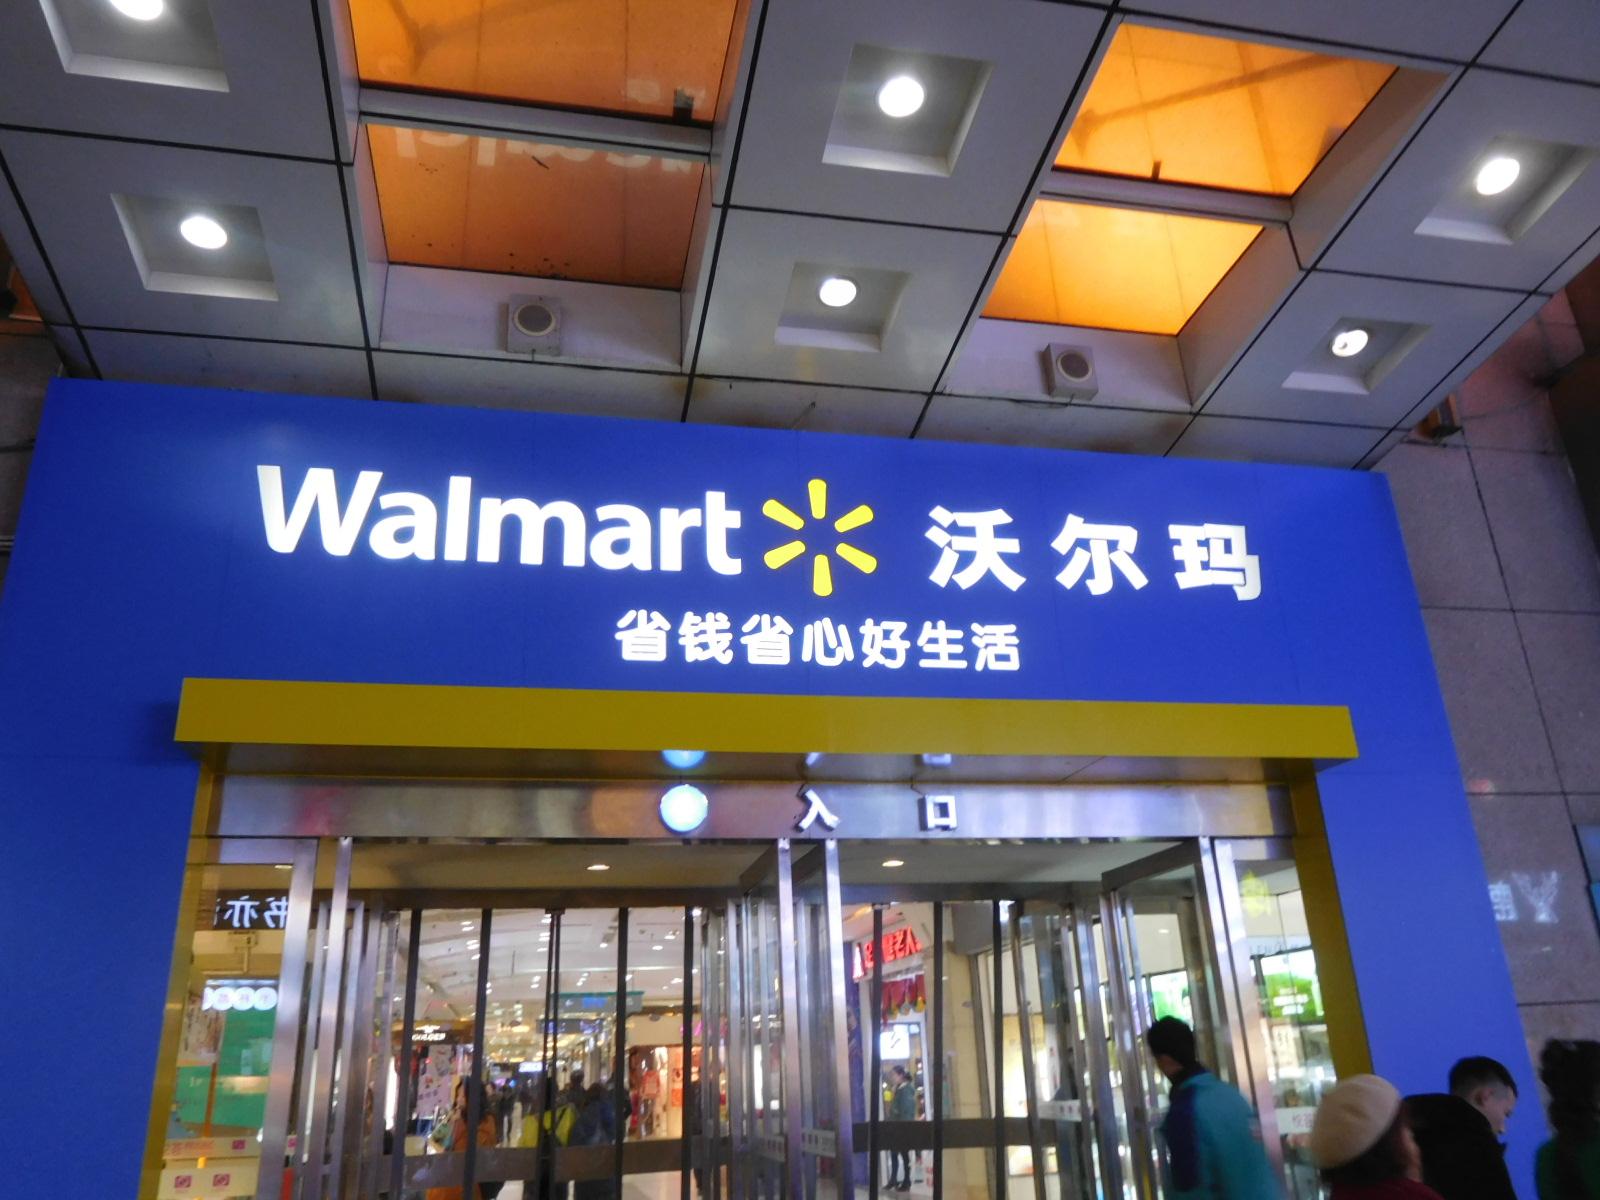 中国長沙のウォルマート(沃爾瑪)